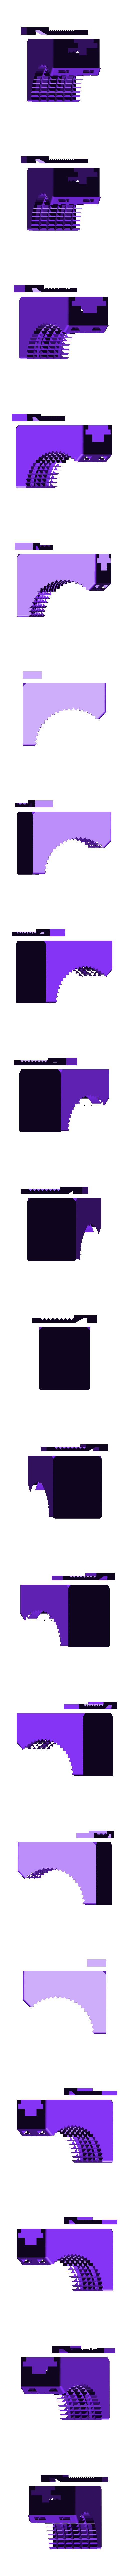 34mm_snapfit_handle_base_remix.stl Télécharger fichier STL gratuit poignée encliquetable pour montage sur barre (moletée, 22mm-34mm) • Objet imprimable en 3D, CyberCyclist